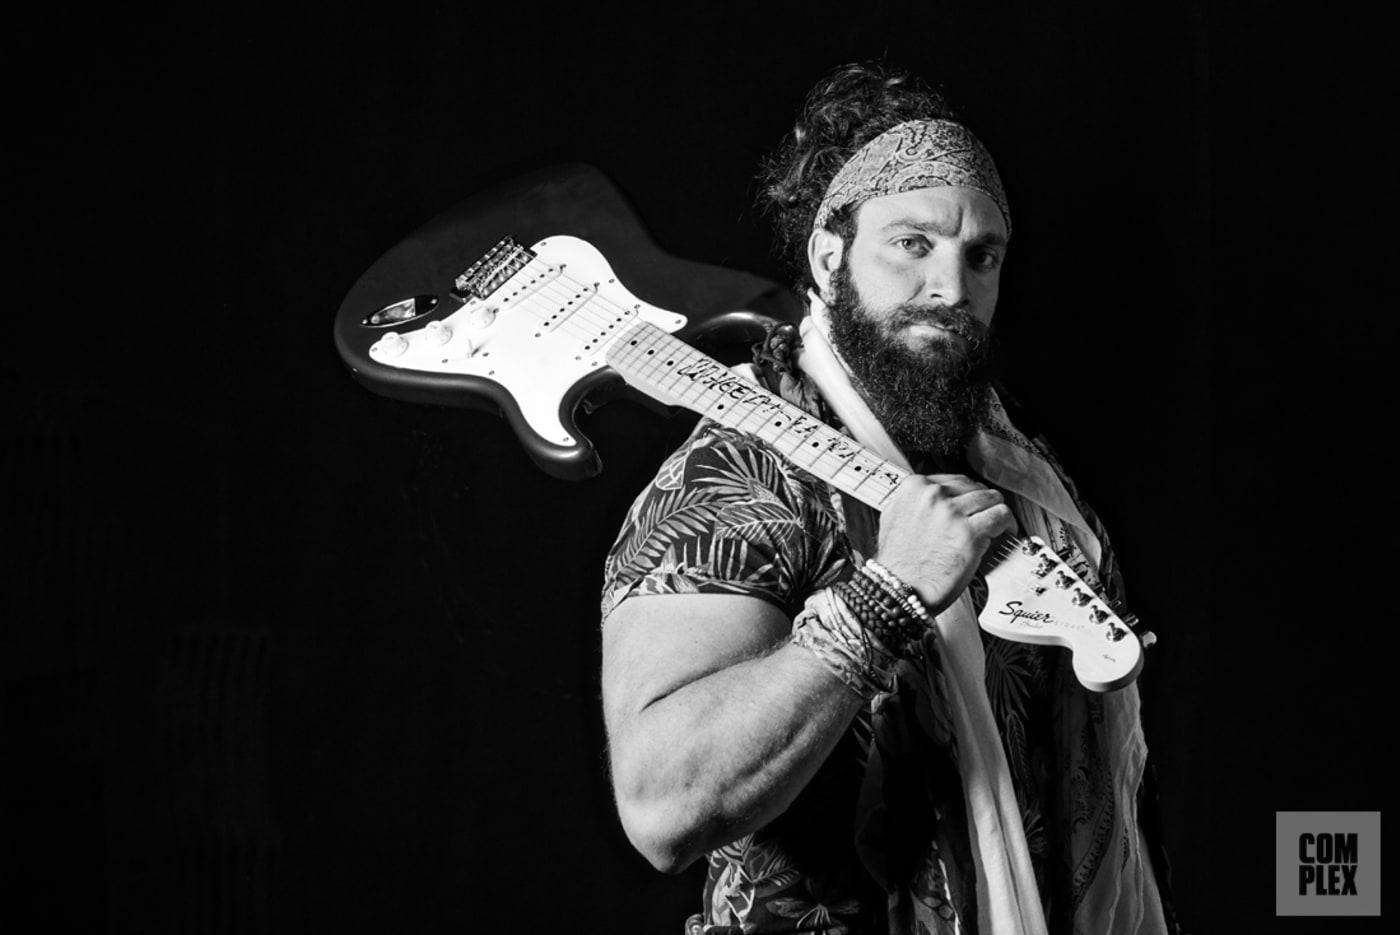 Elias WWE Superstar Guitar 2018 Complex Original